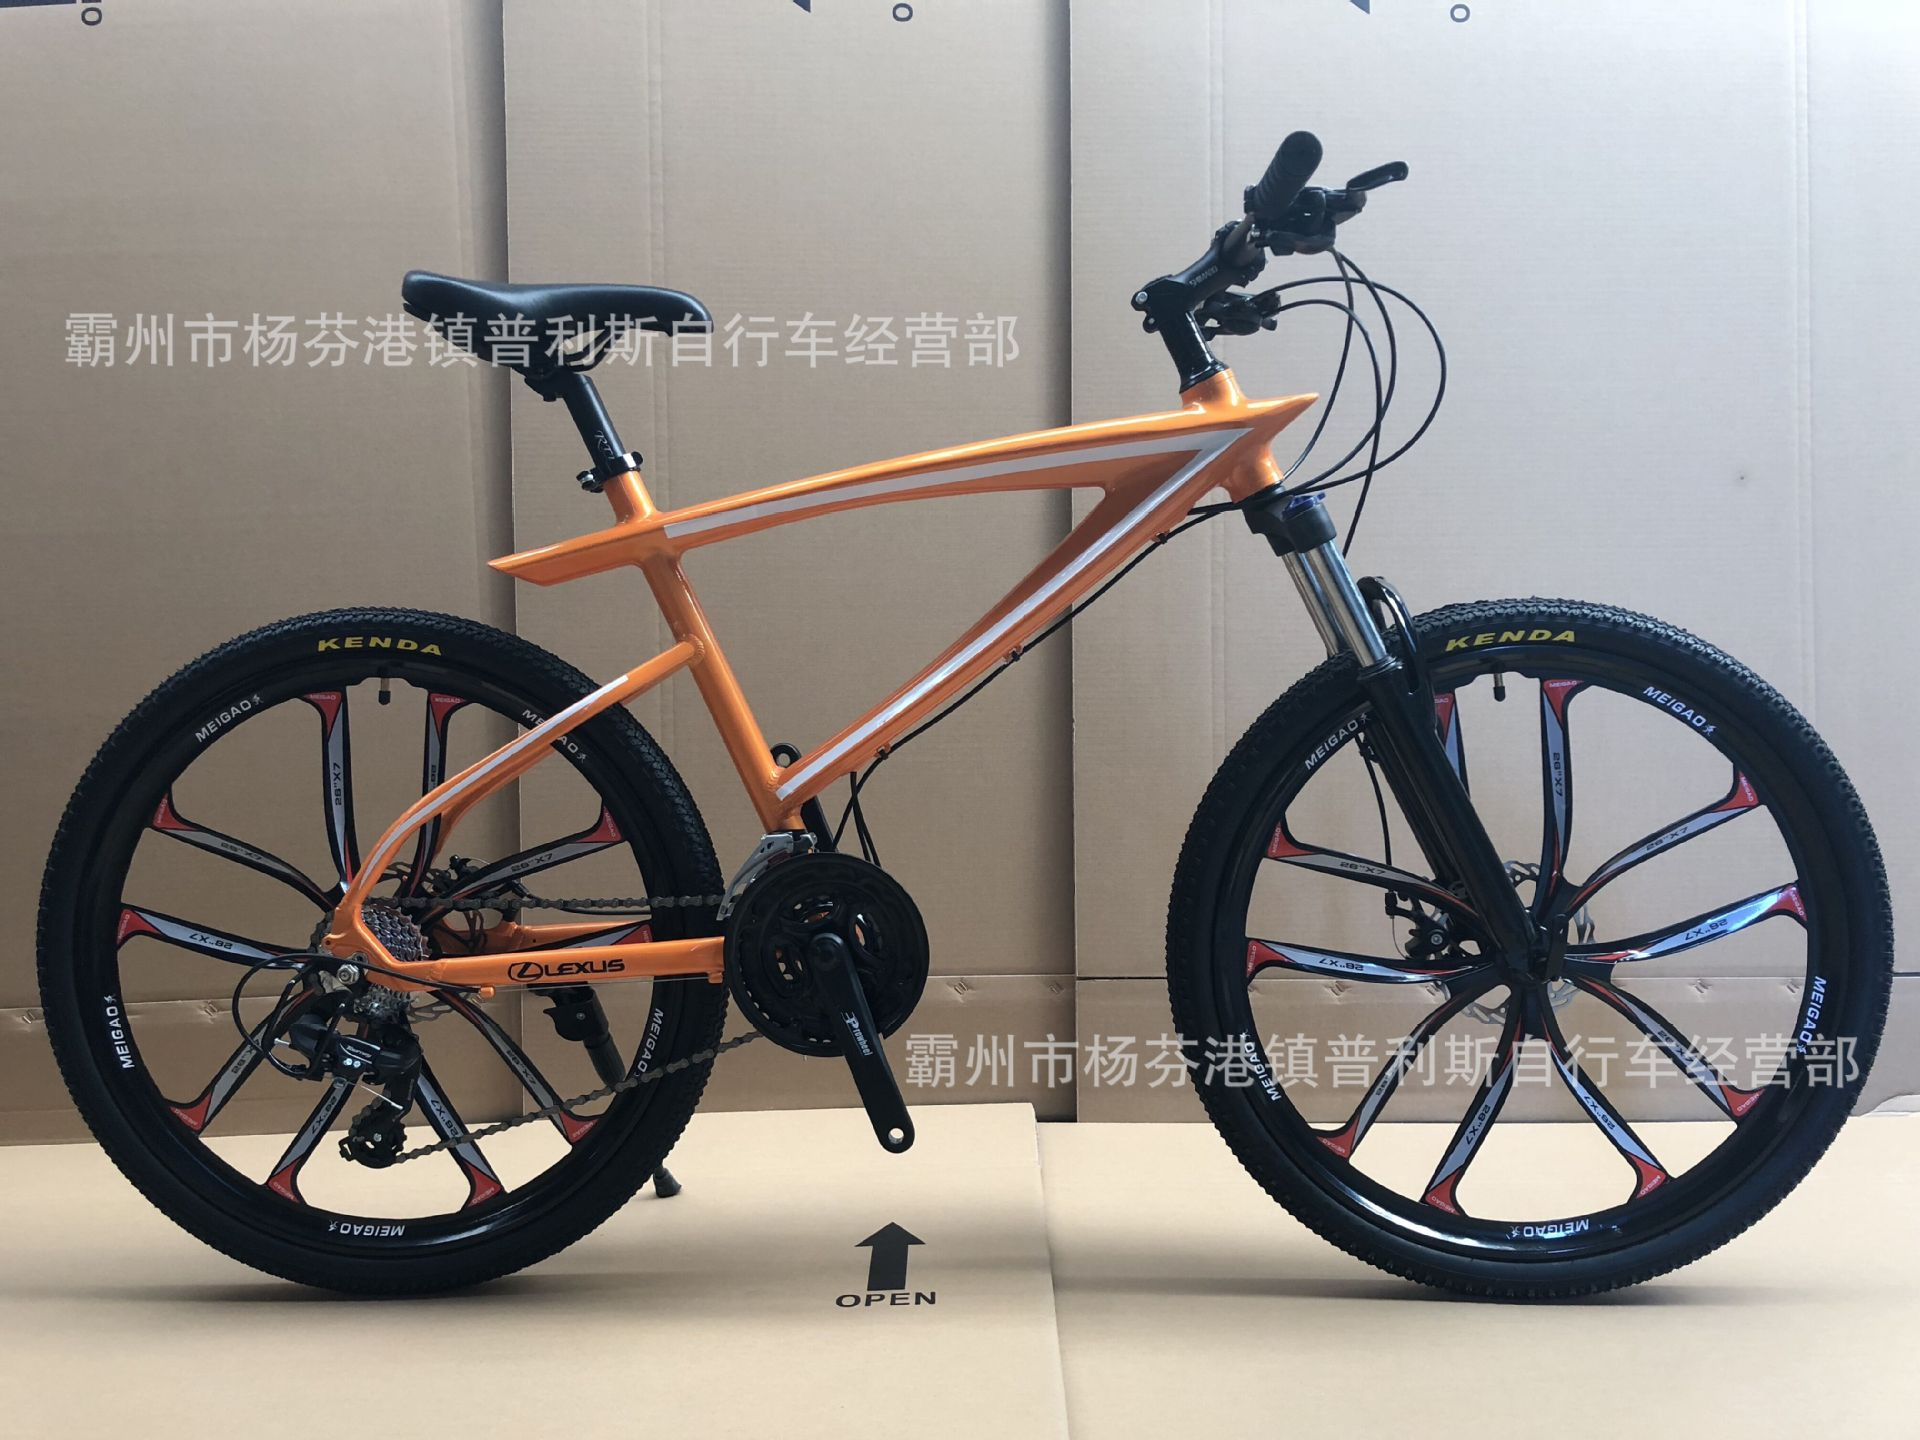 26 pouces en alliage d'aluminium VTT 24 vitesses frein à huile double disque frein cadre de vélo route pour hommes femmes